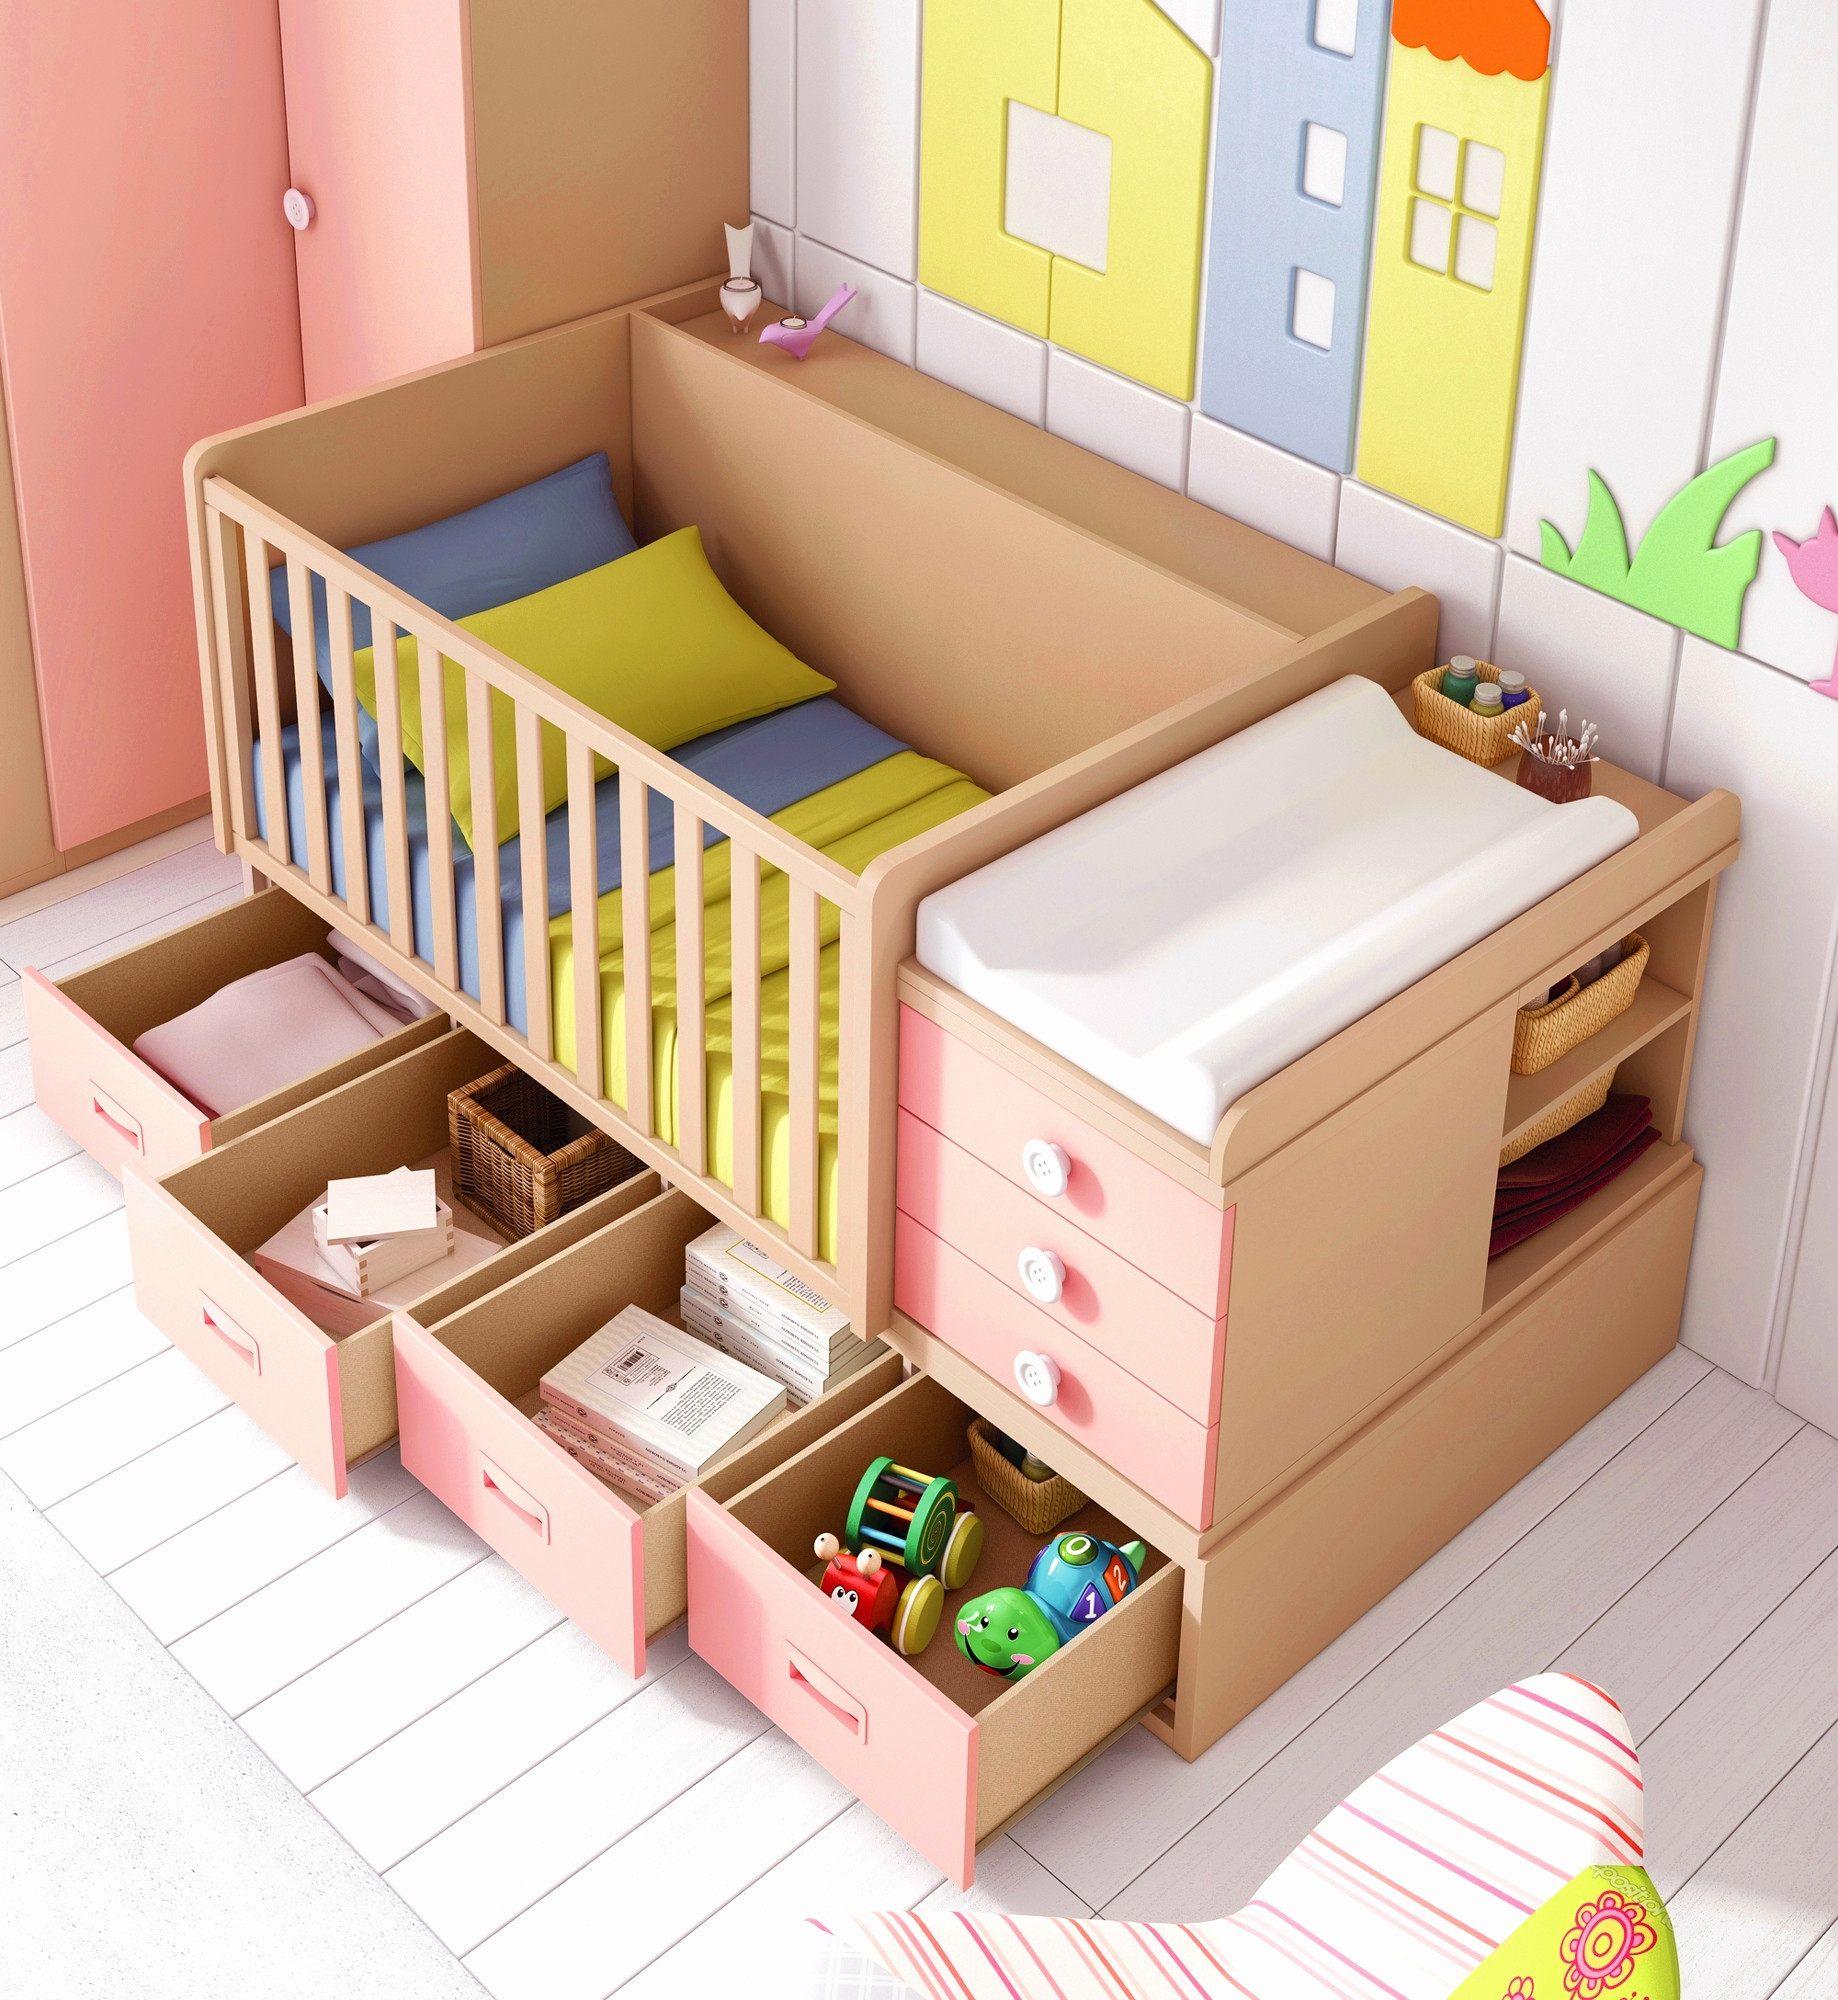 Lit Autour De Bébé Luxe Luxe Meilleur Lit Bébé Lit Bébé Bois Génial Chaise Haute Bébé